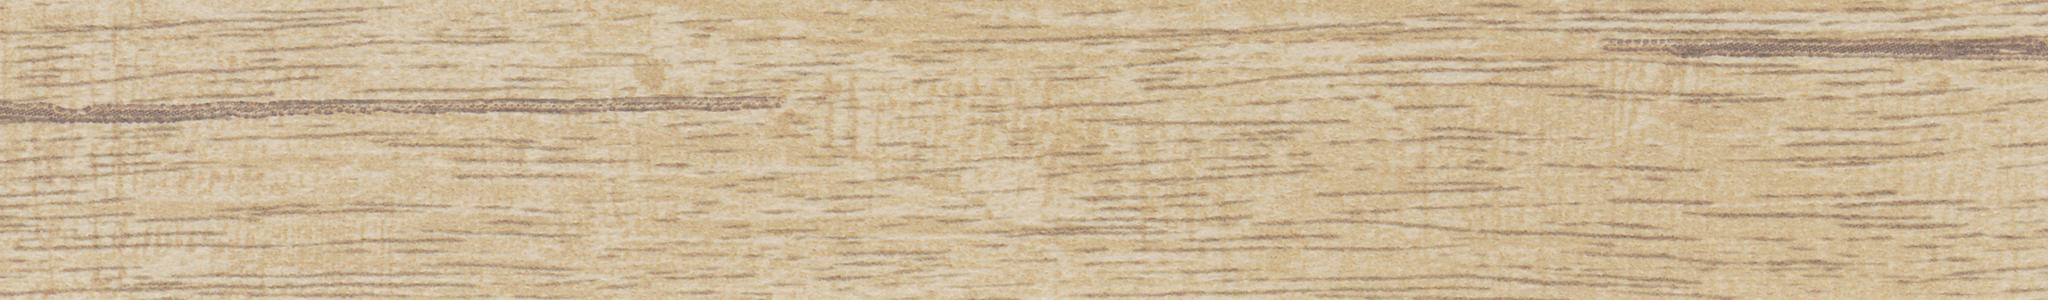 HD 243331 Chant ABS Chêne Nebraska Perle